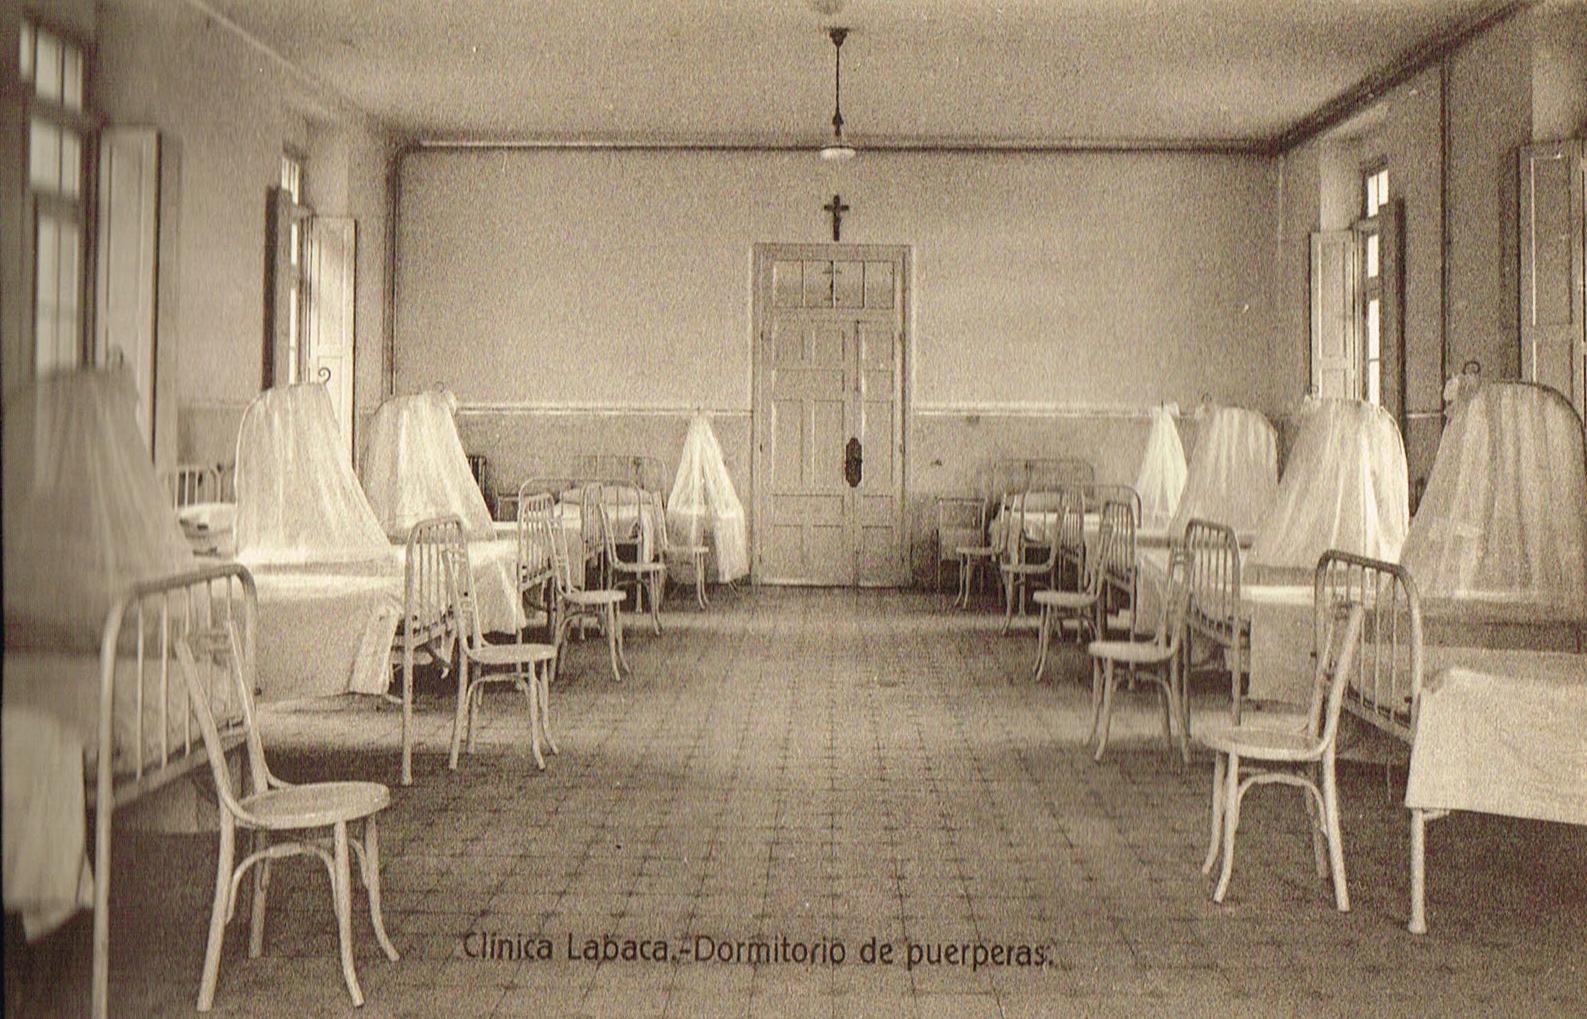 Clínica Labaca, dormitorio de puerperas